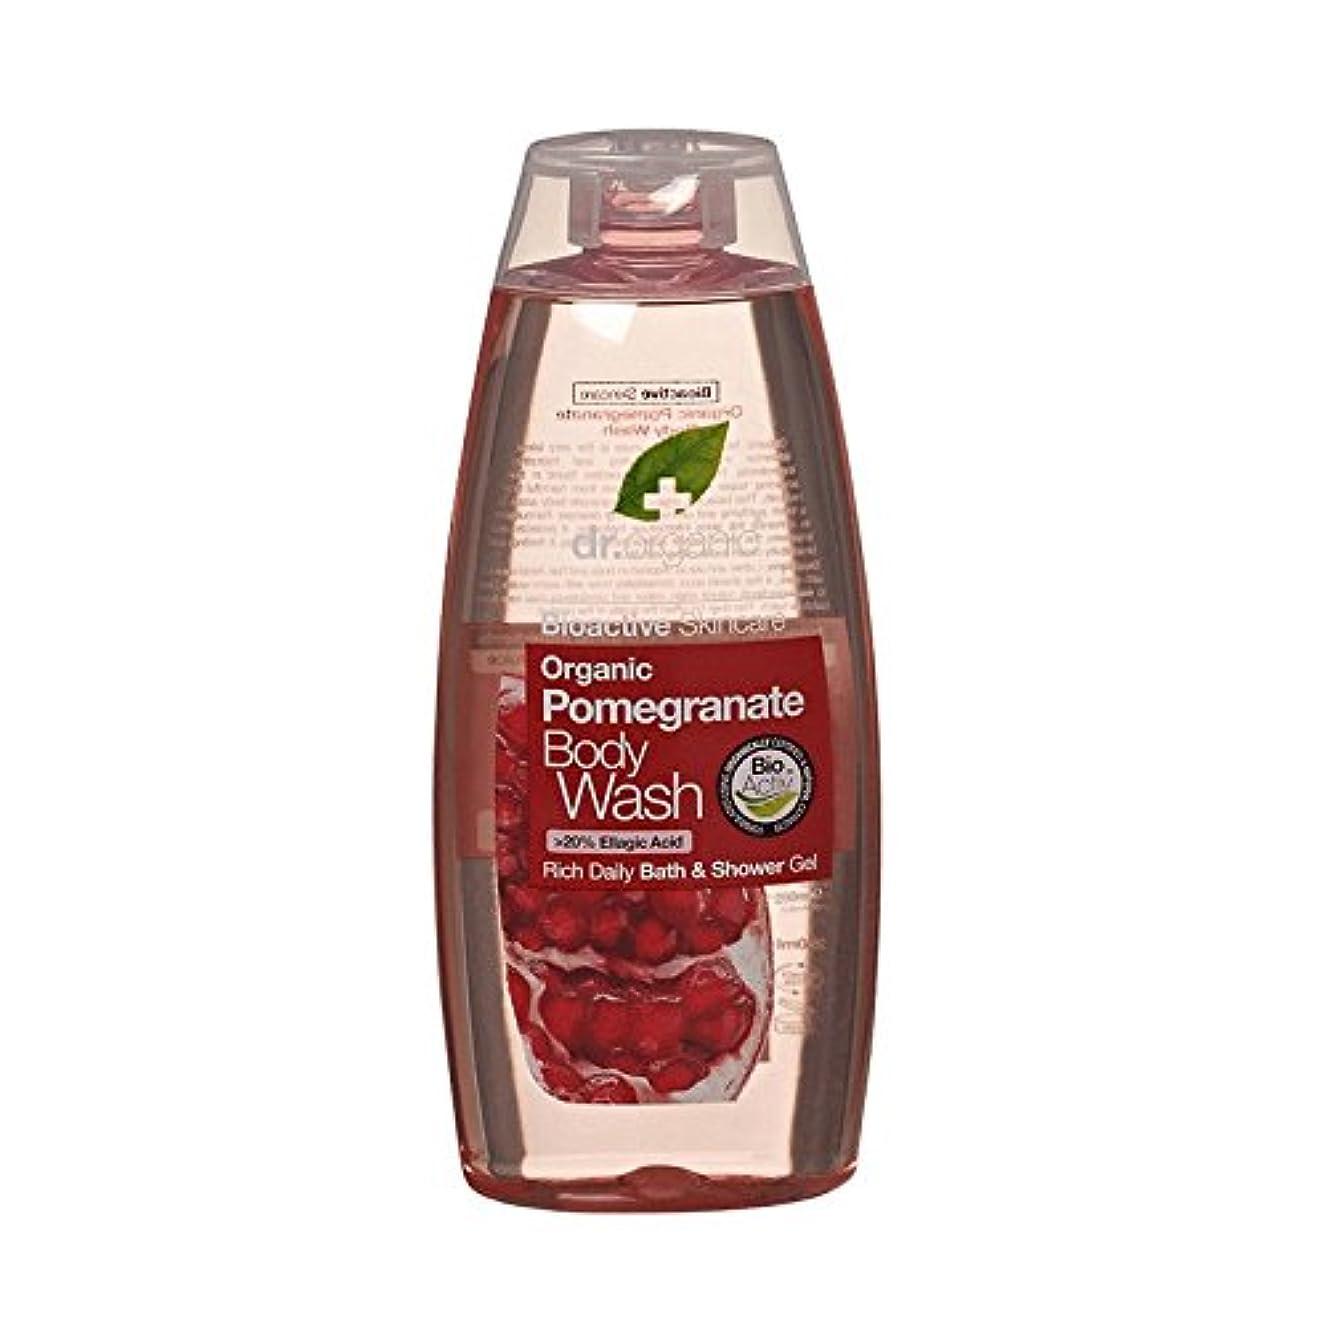 駐地段階尊敬Dr Organic Pomegranate Body Wash (Pack of 2) - Dr有機ザクロボディウォッシュ (x2) [並行輸入品]